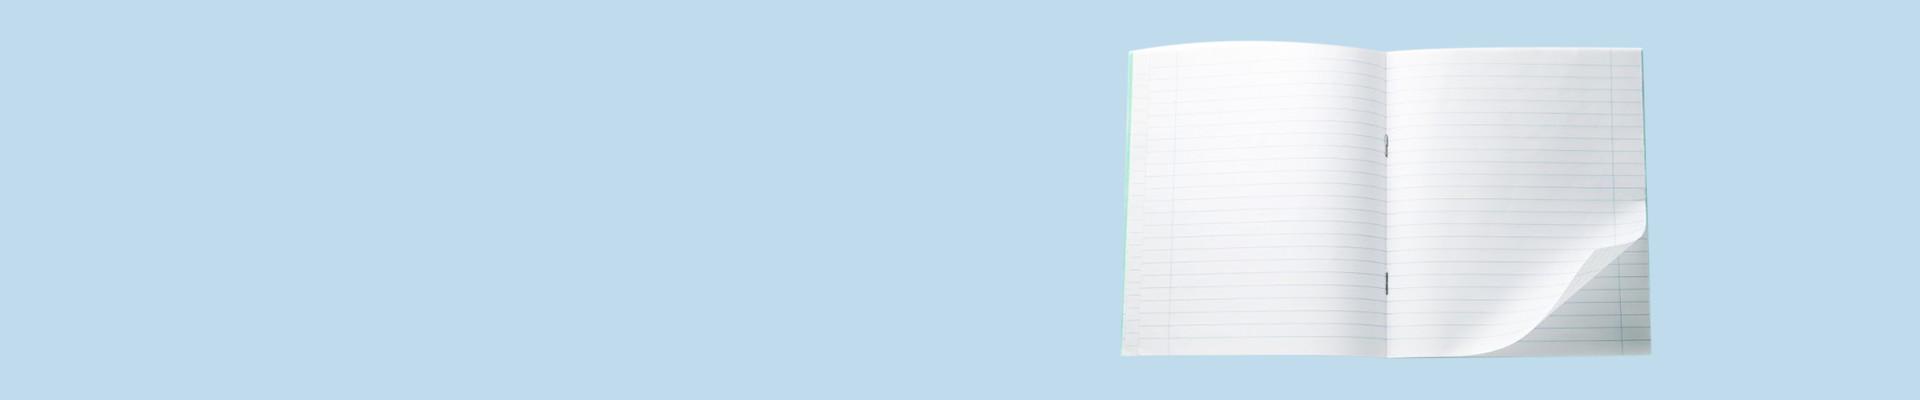 Jual Buku Tulis Sekolah Terbaru - Harga Terbaik | Tokopedia